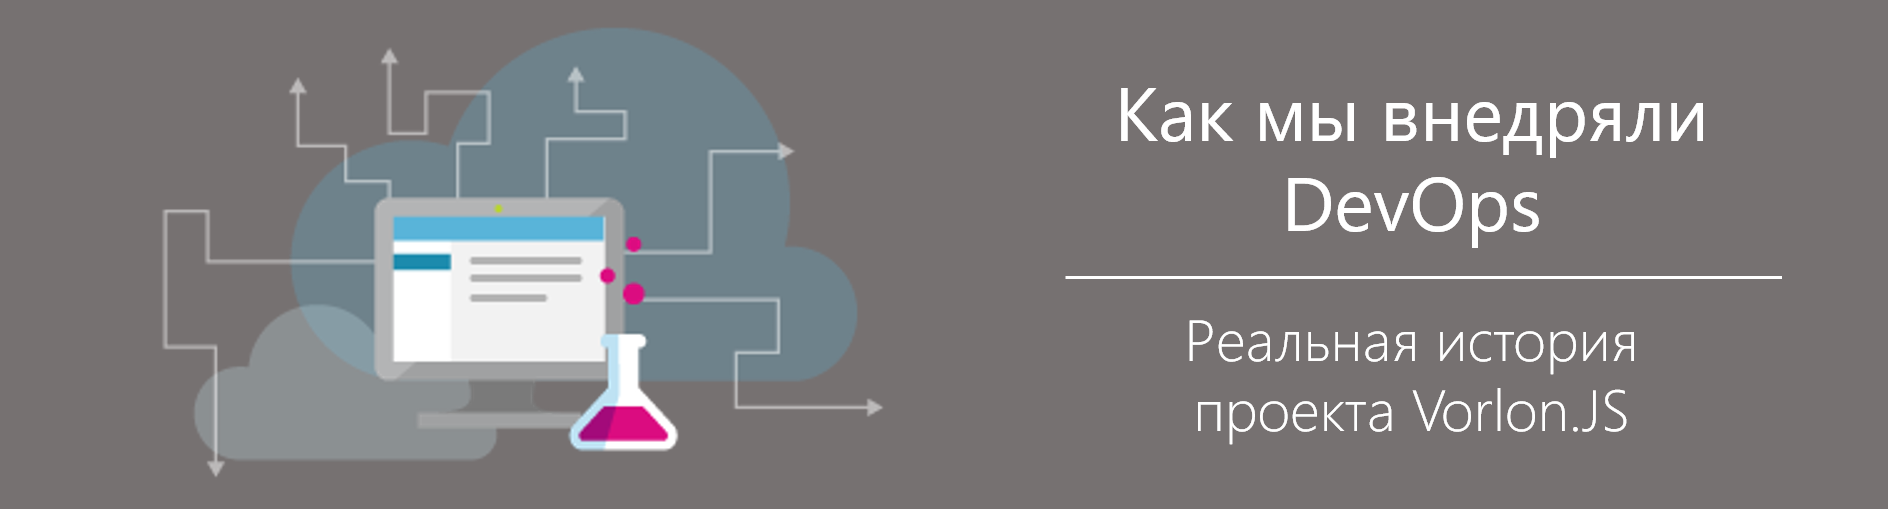 Как мы внедряли DevOps: инфраструктура-как-код с помощью Microsoft Azure и Azure Resource Manager